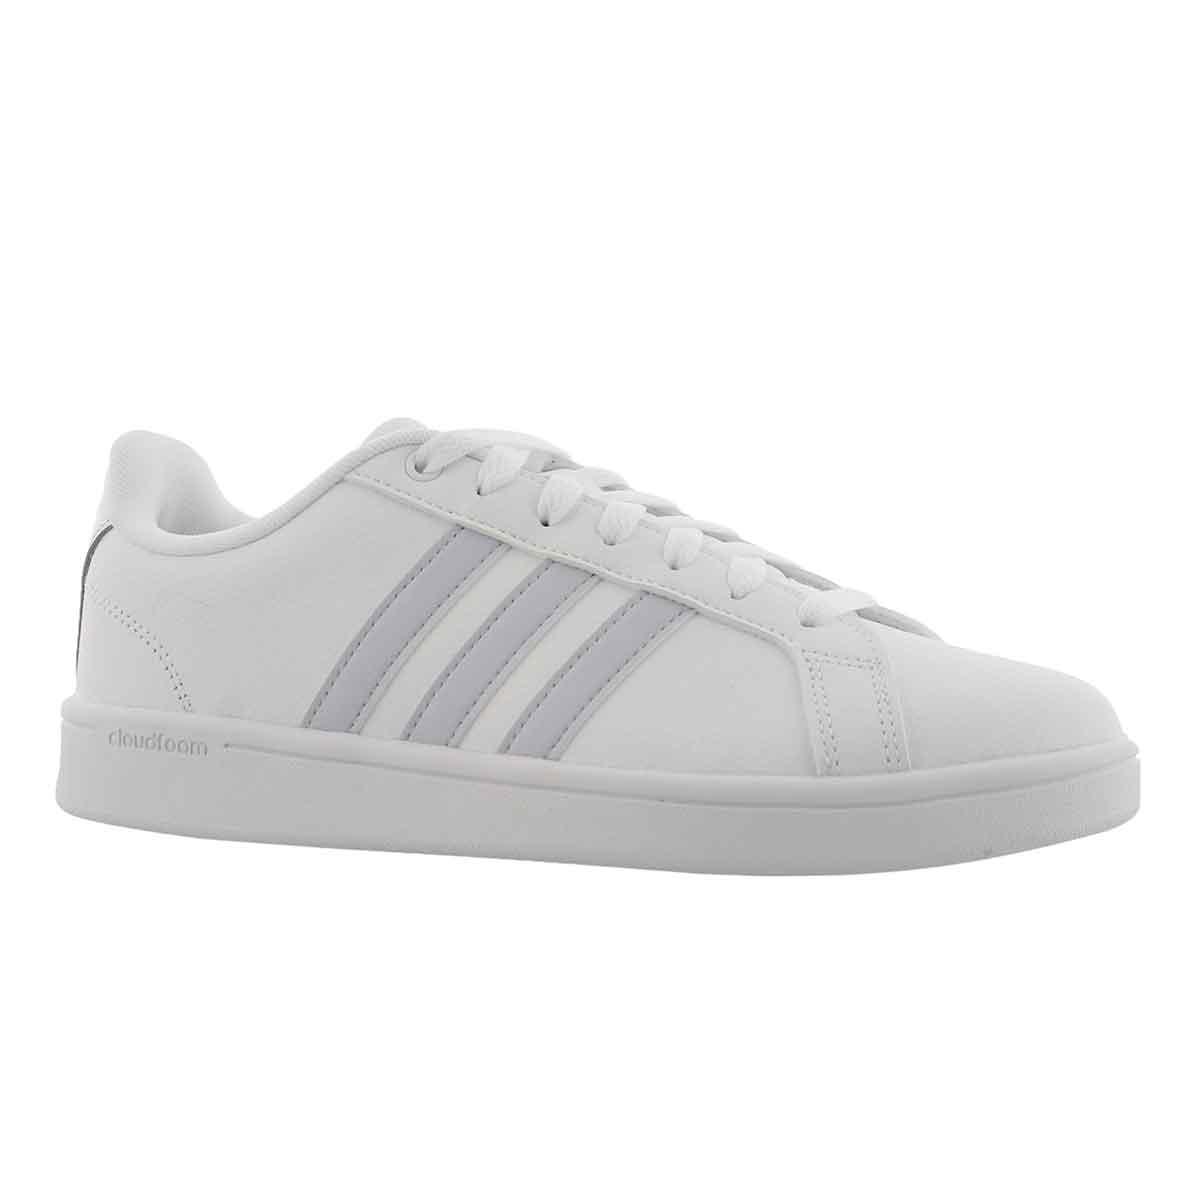 Women's CLOUDFOAM ADVANTAGE white/blue sneakers